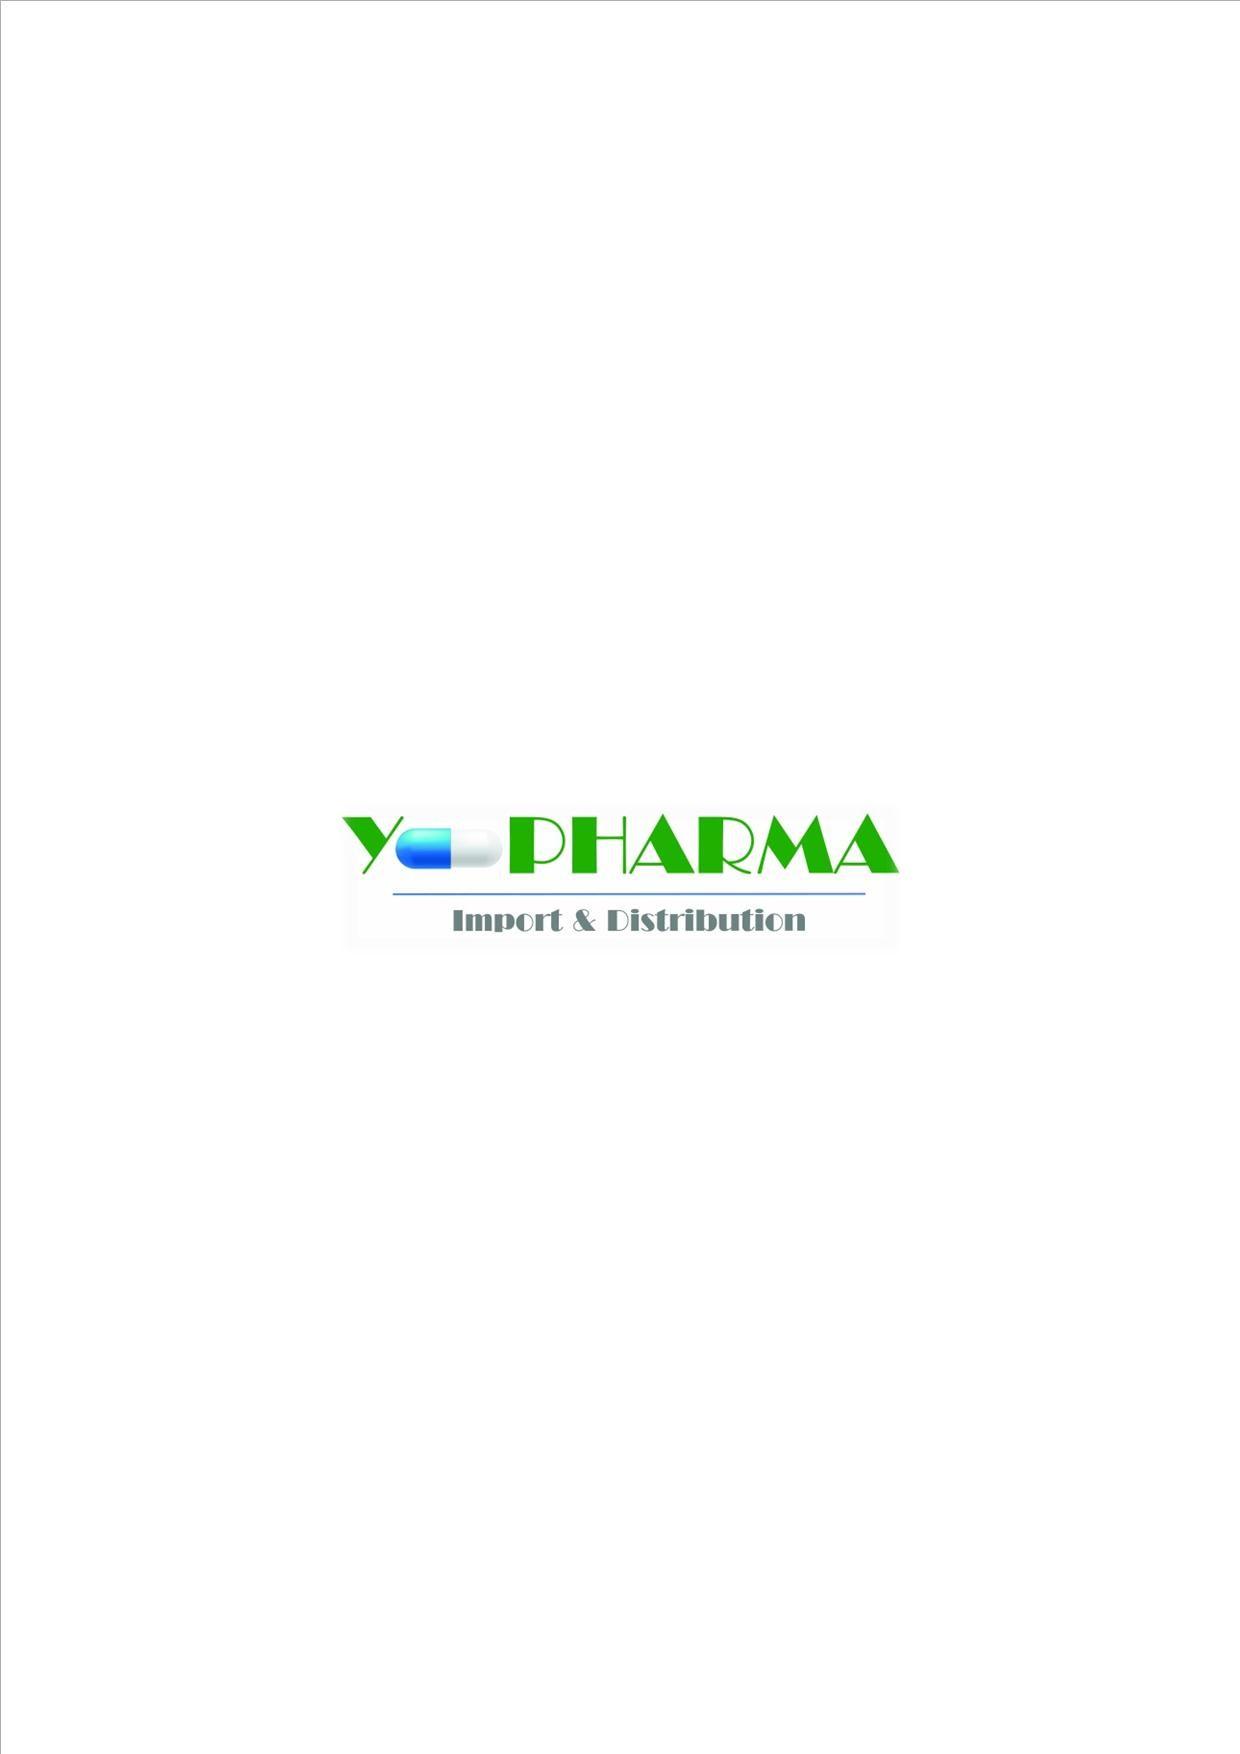 Y-PHARMA